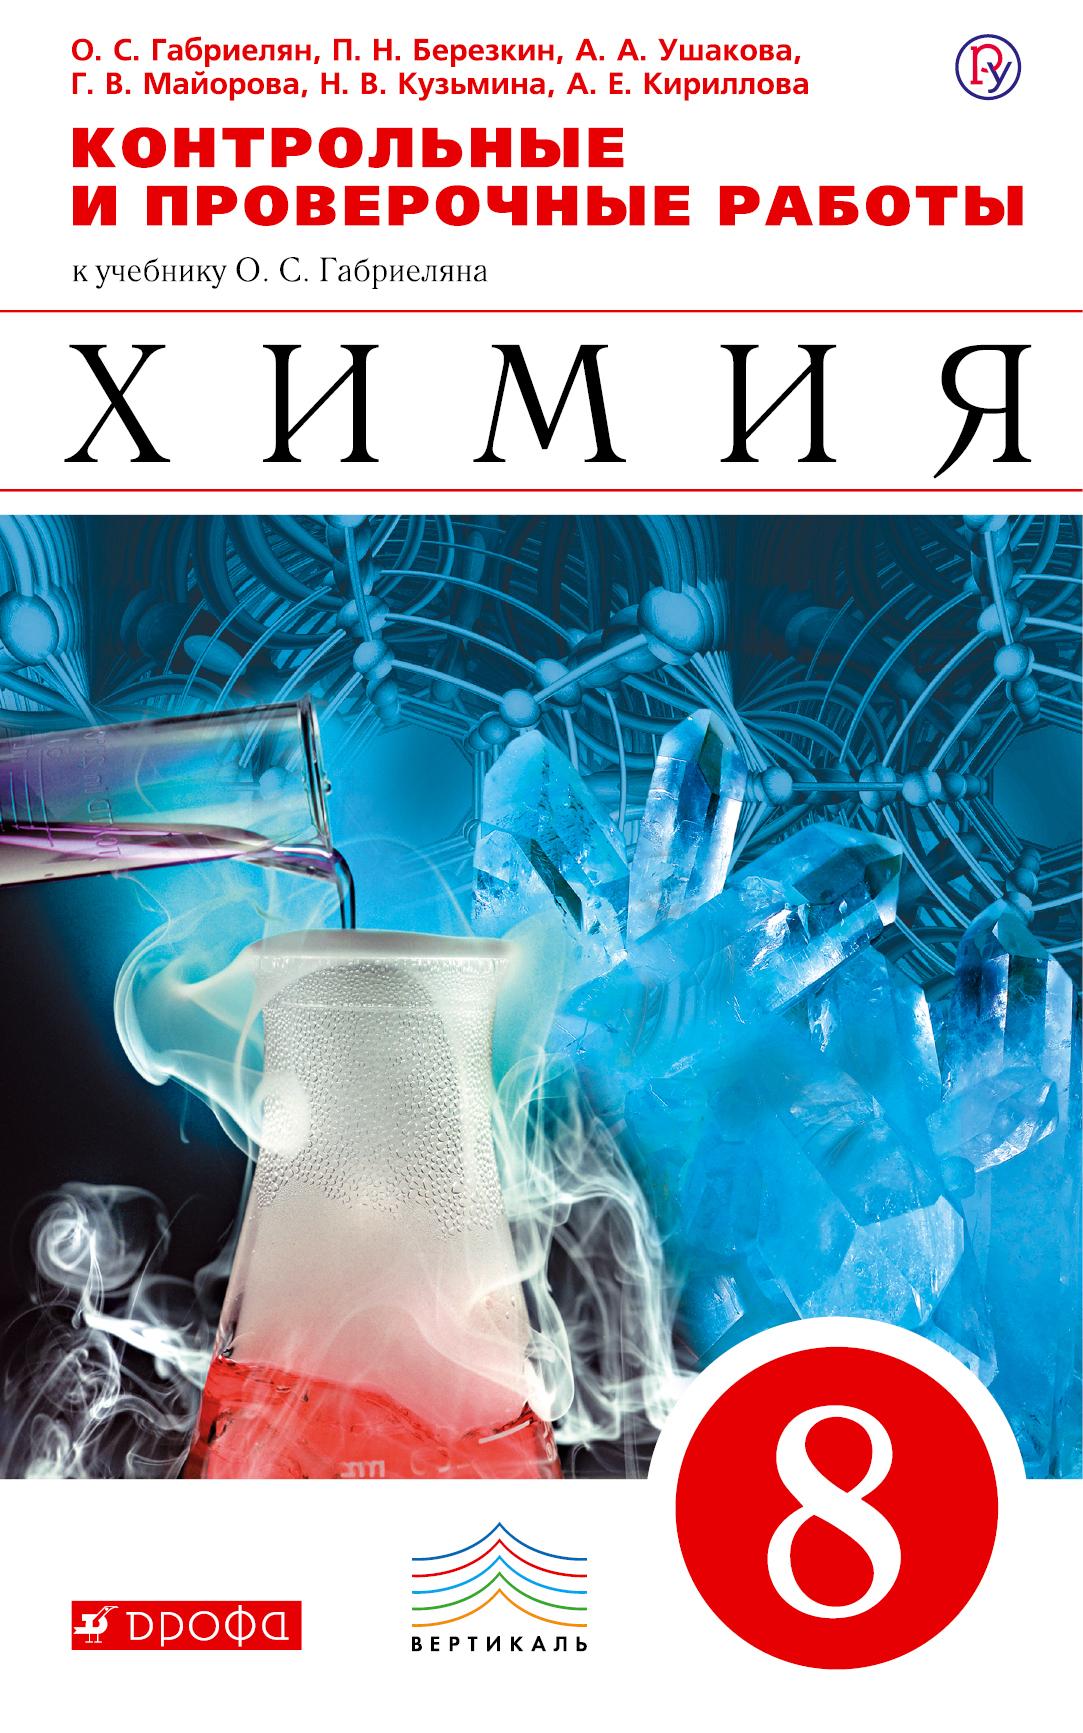 Габриелян О.С., Березкин П.Н., Ушакова А.А. Химия. 8 класс. Контрольные и проверочные работы химия 8 класс учебник фгос